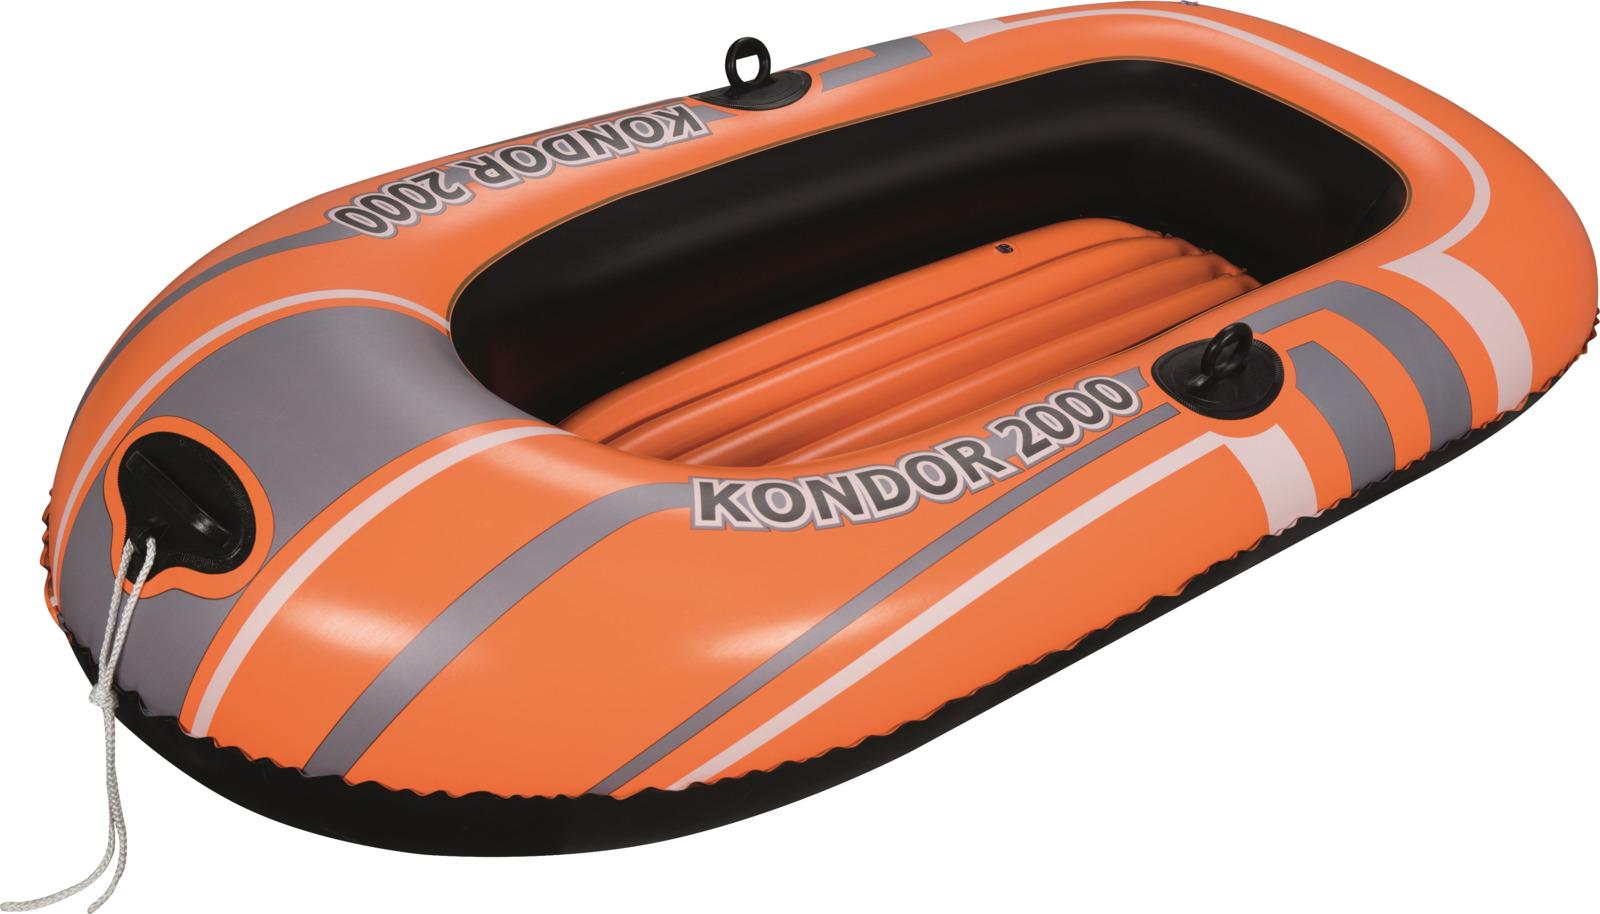 Лодка надувная Bestway Kondor 2000, 184 х 91 х 37 см надувная мебель